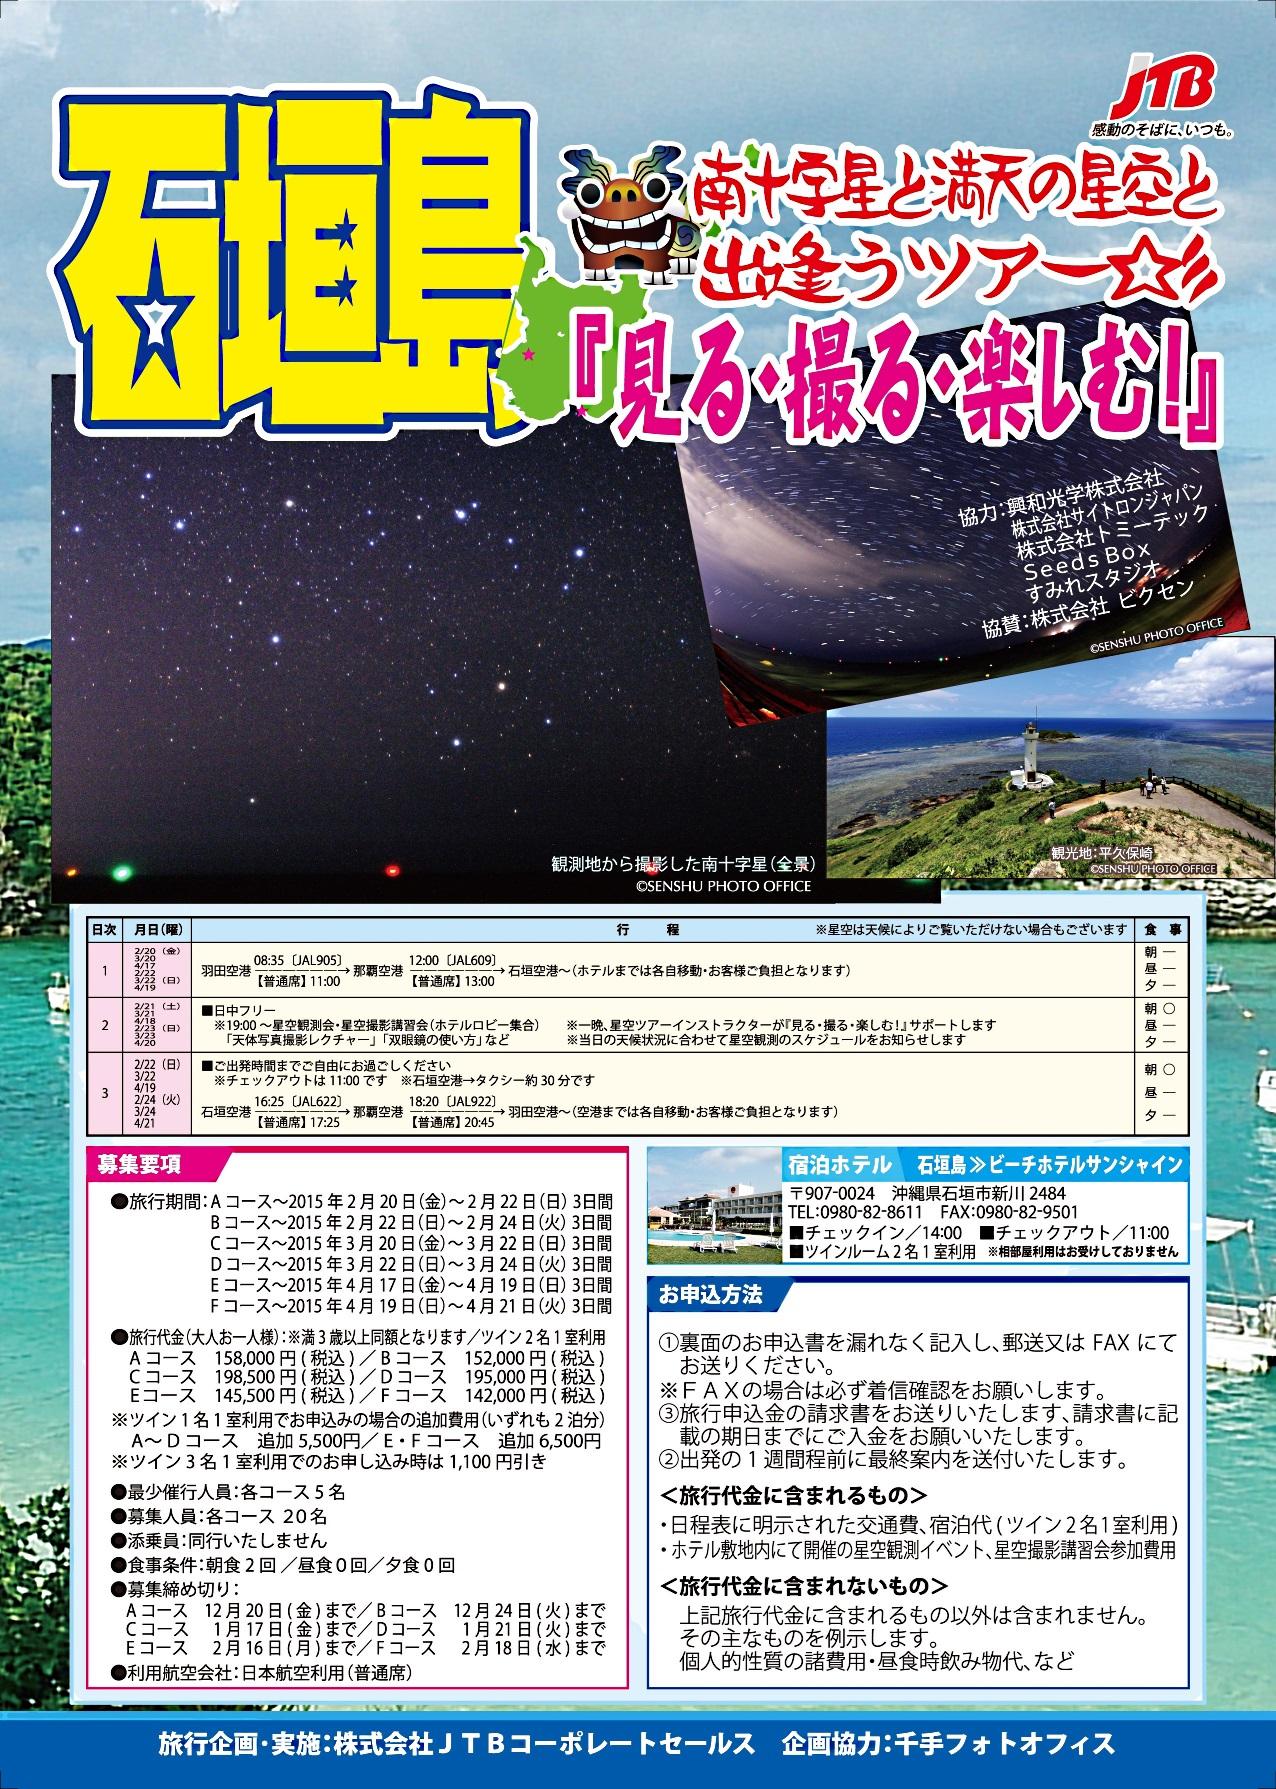 石垣島で南十字星と満天の星空と出逢うツアー「見る・撮る・楽しむ!」に協賛